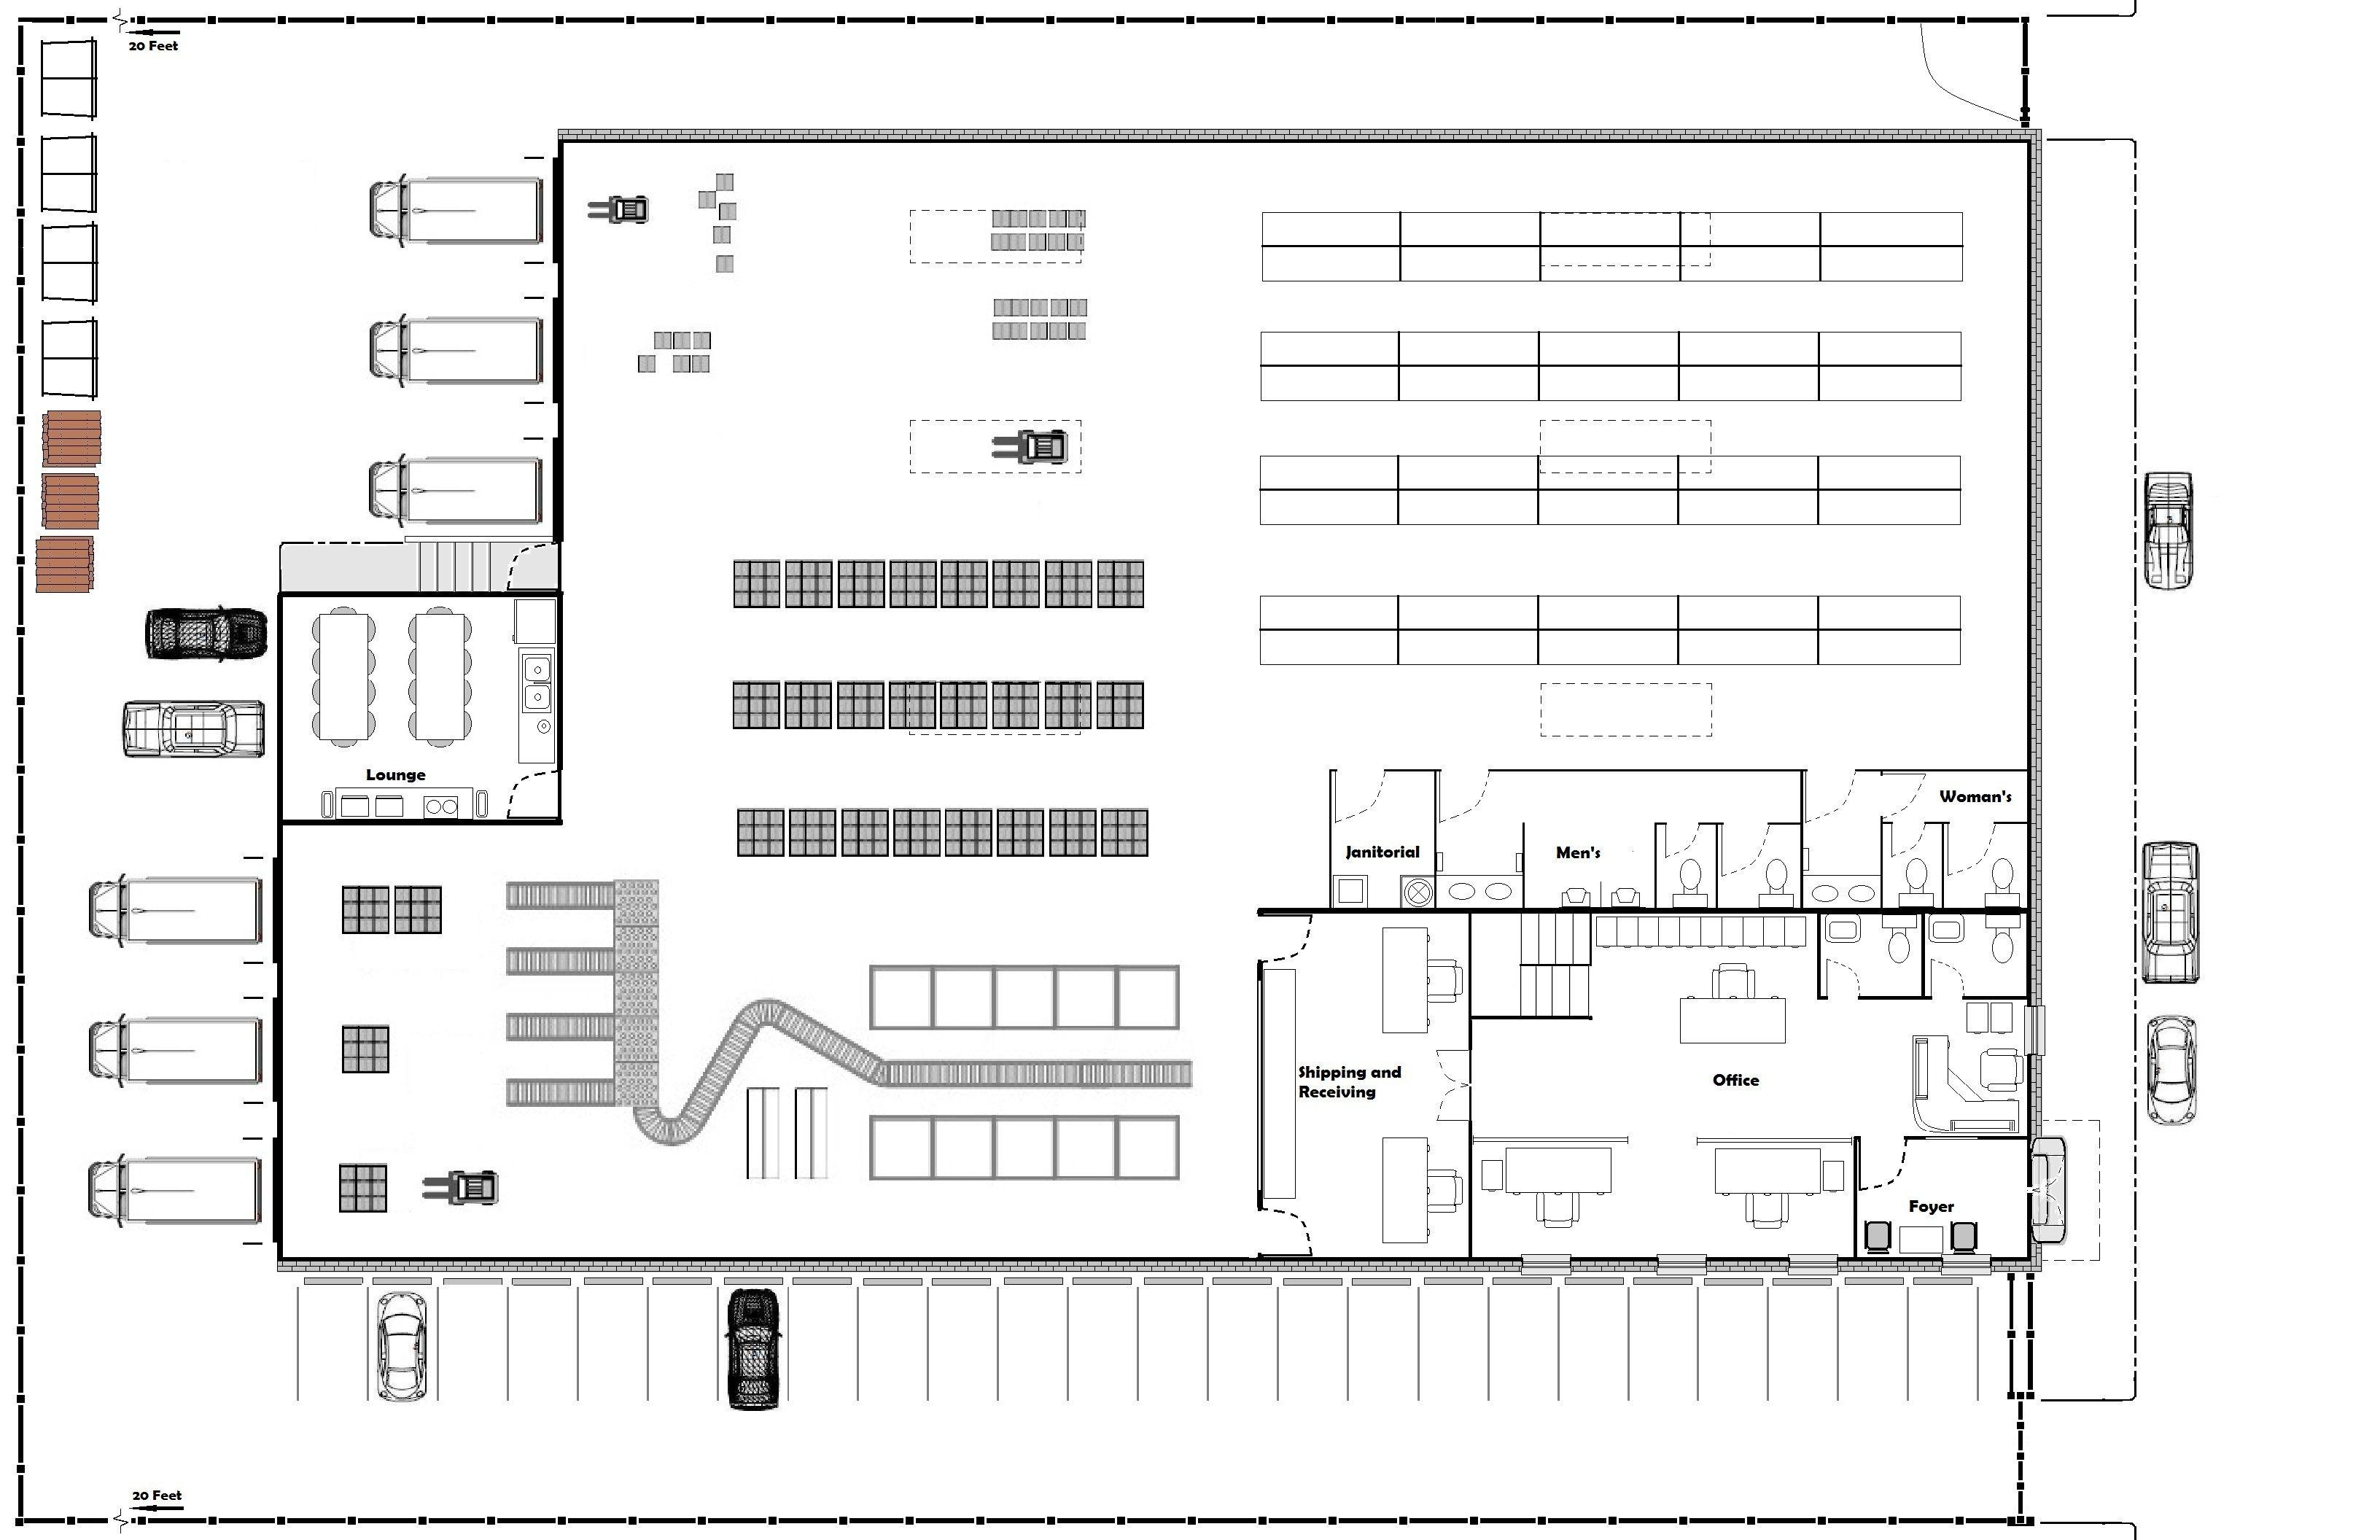 Floor Plan Of Warehouse